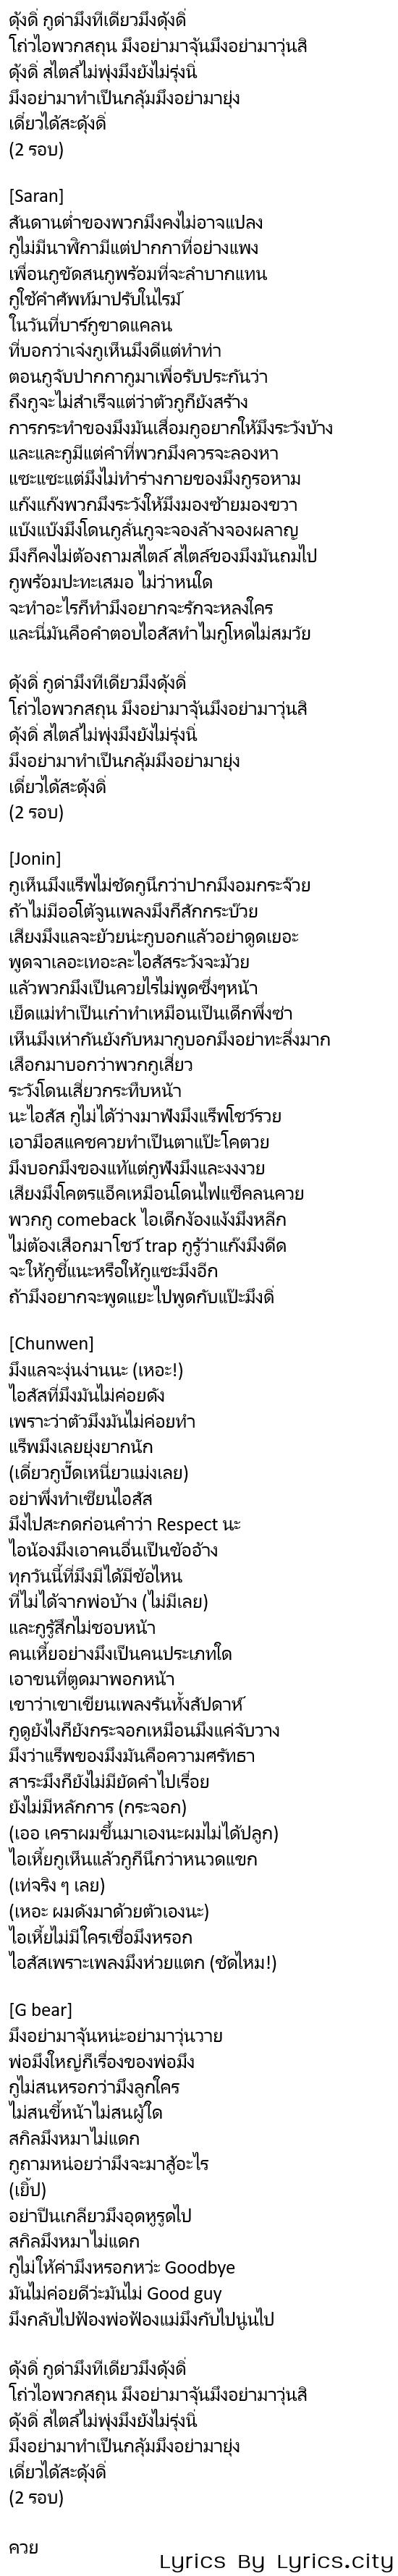 เนื้อเพลง ดุ้งดิ - Saran Feat. Jonin, Chunwen, G-Bear